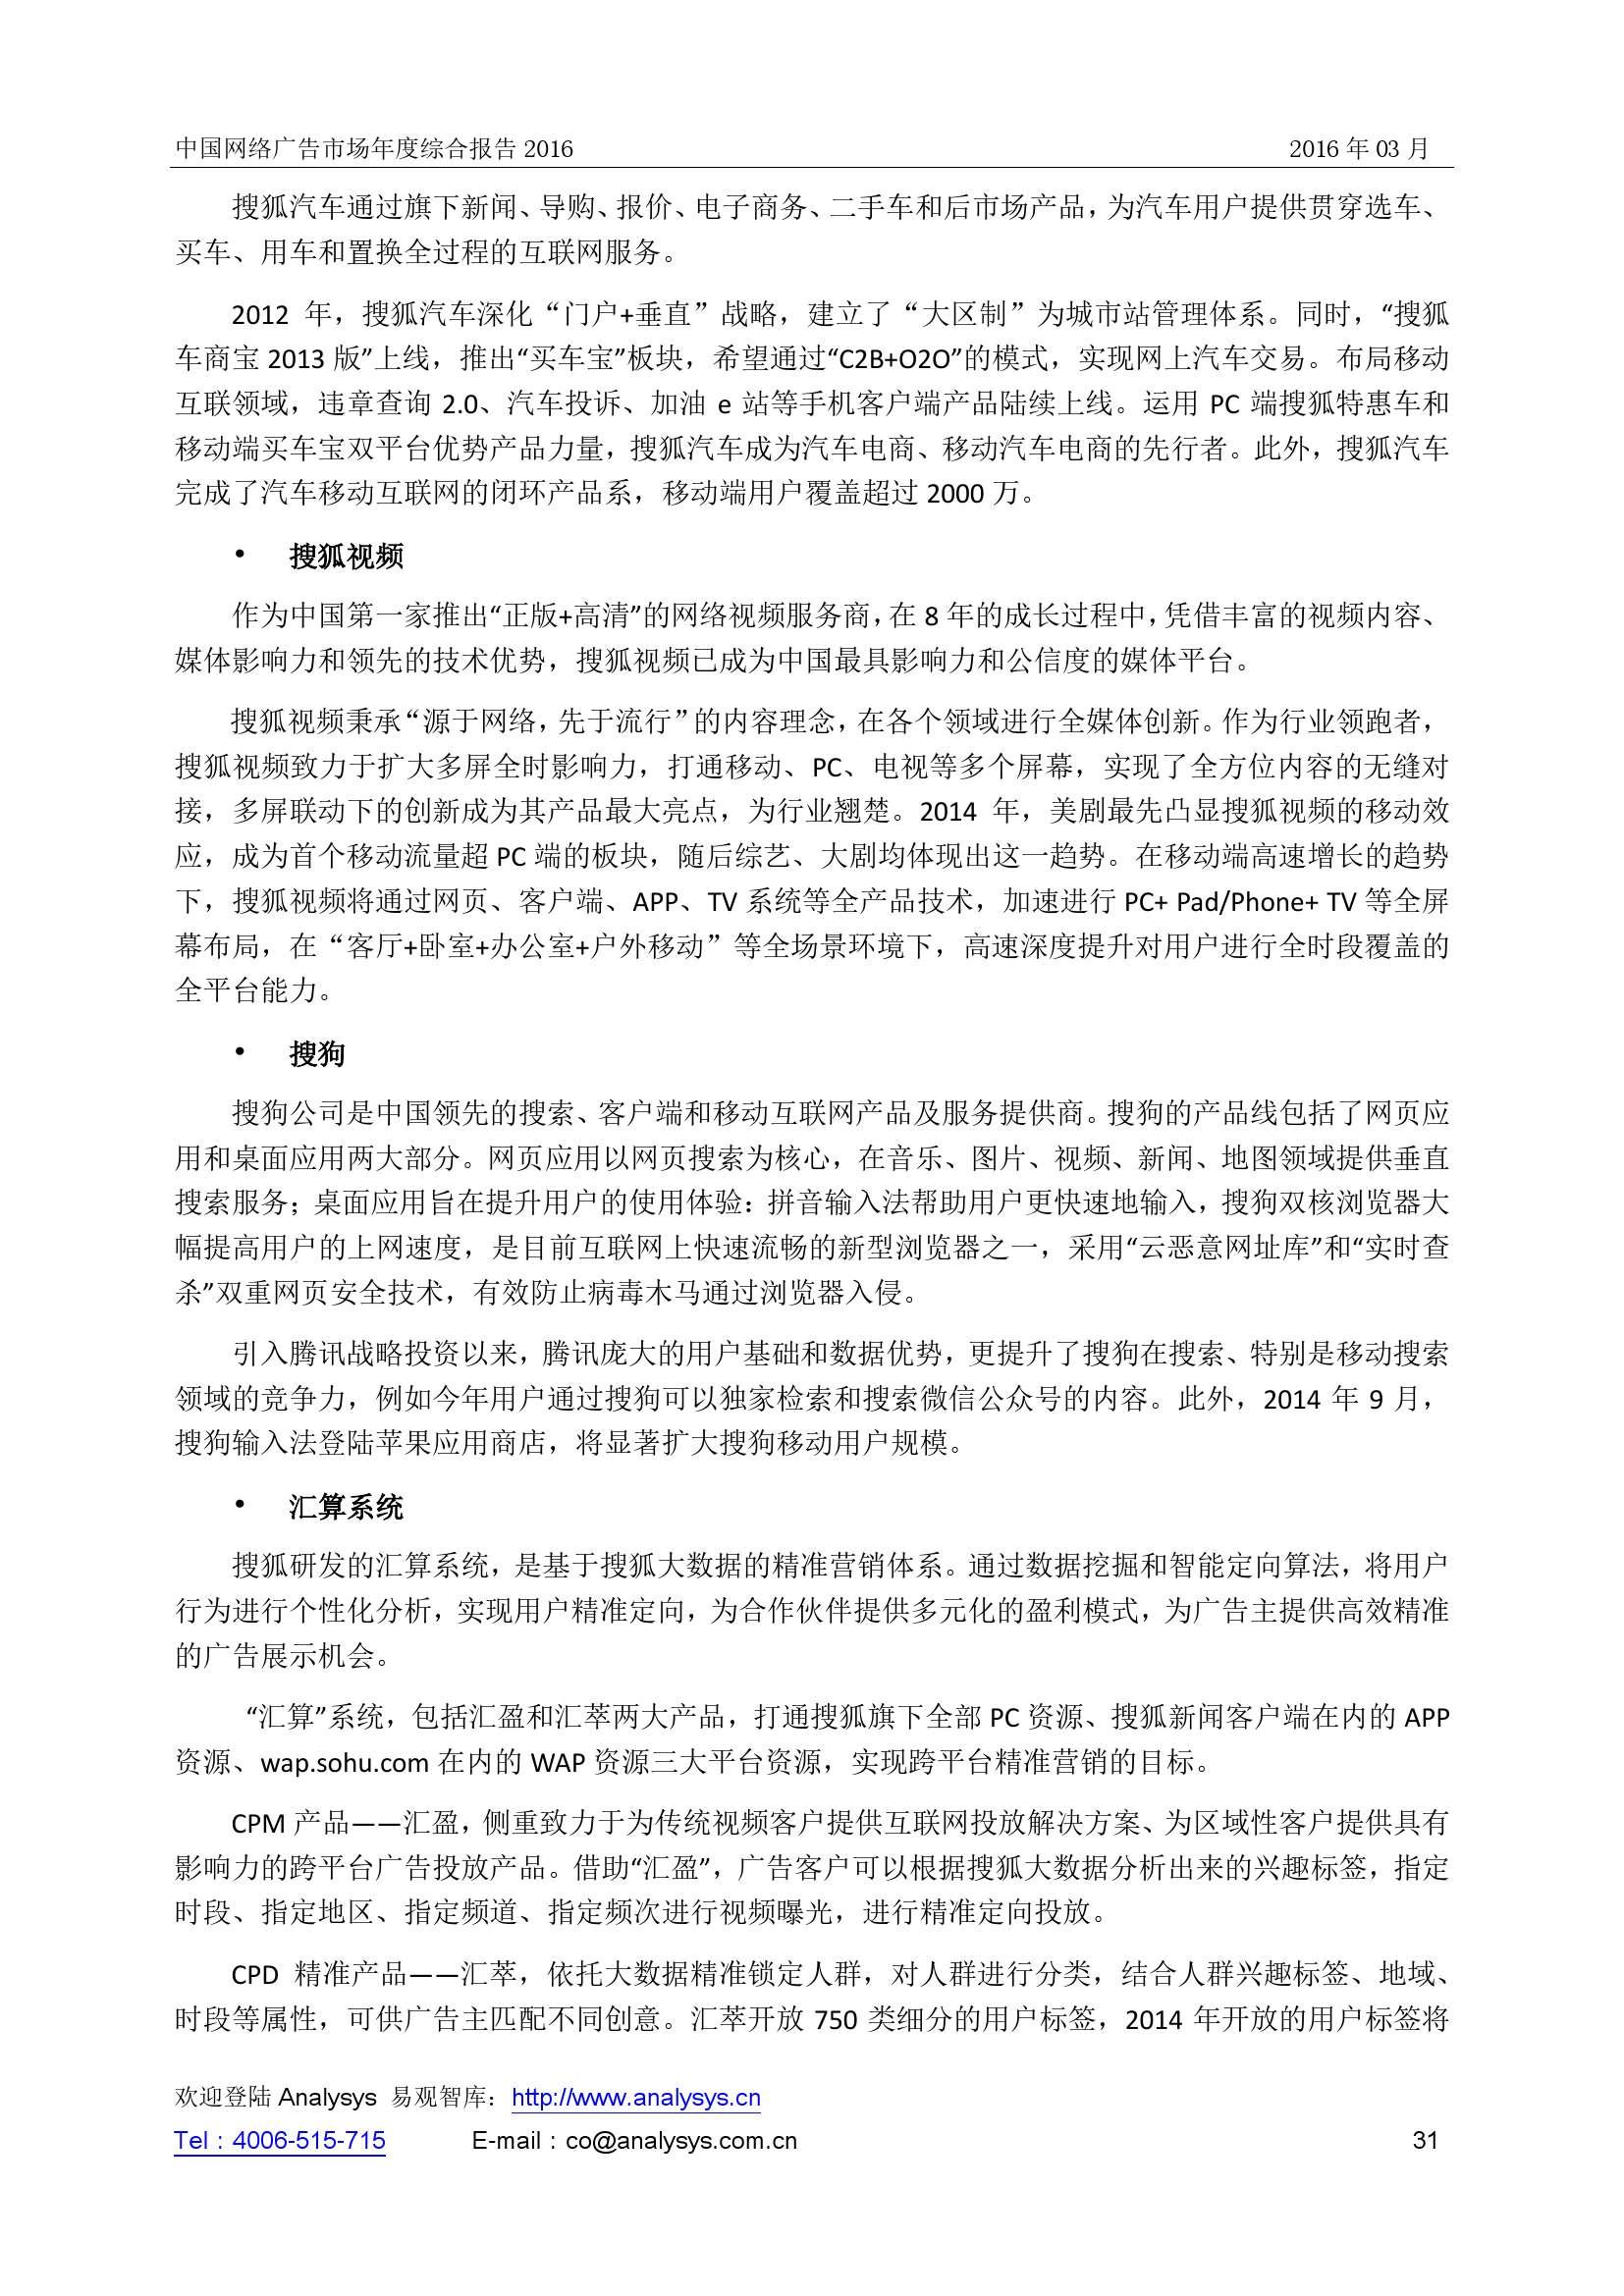 中国网络广告市场年度综合报告2016_000031